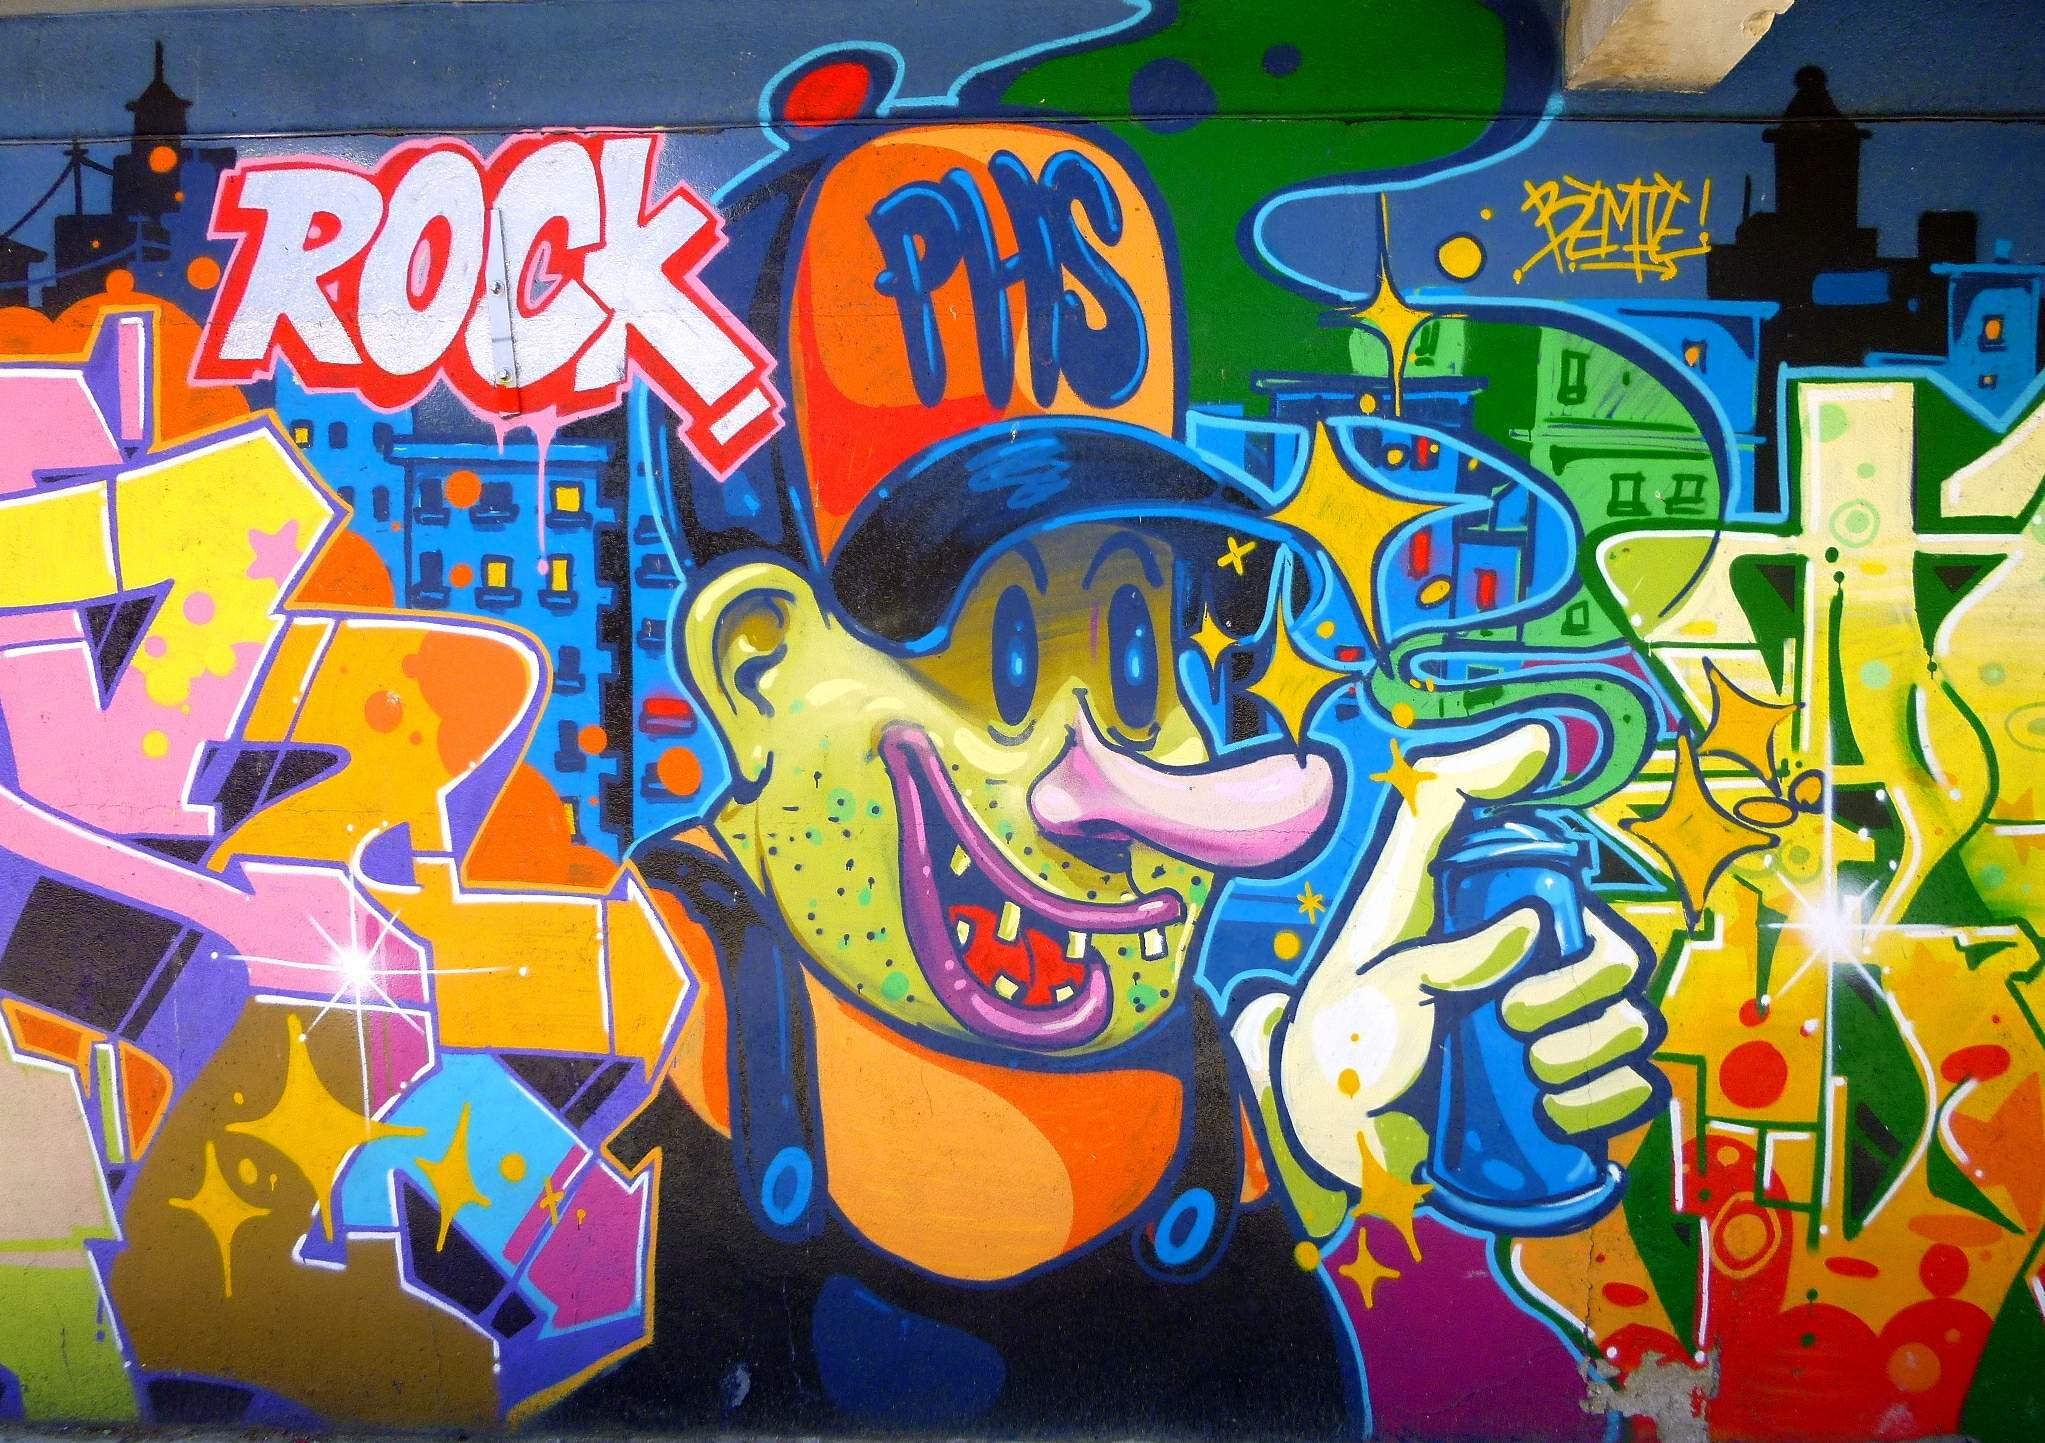 Graffiti Arte O Vandalismo Il Quotidiano In Classe